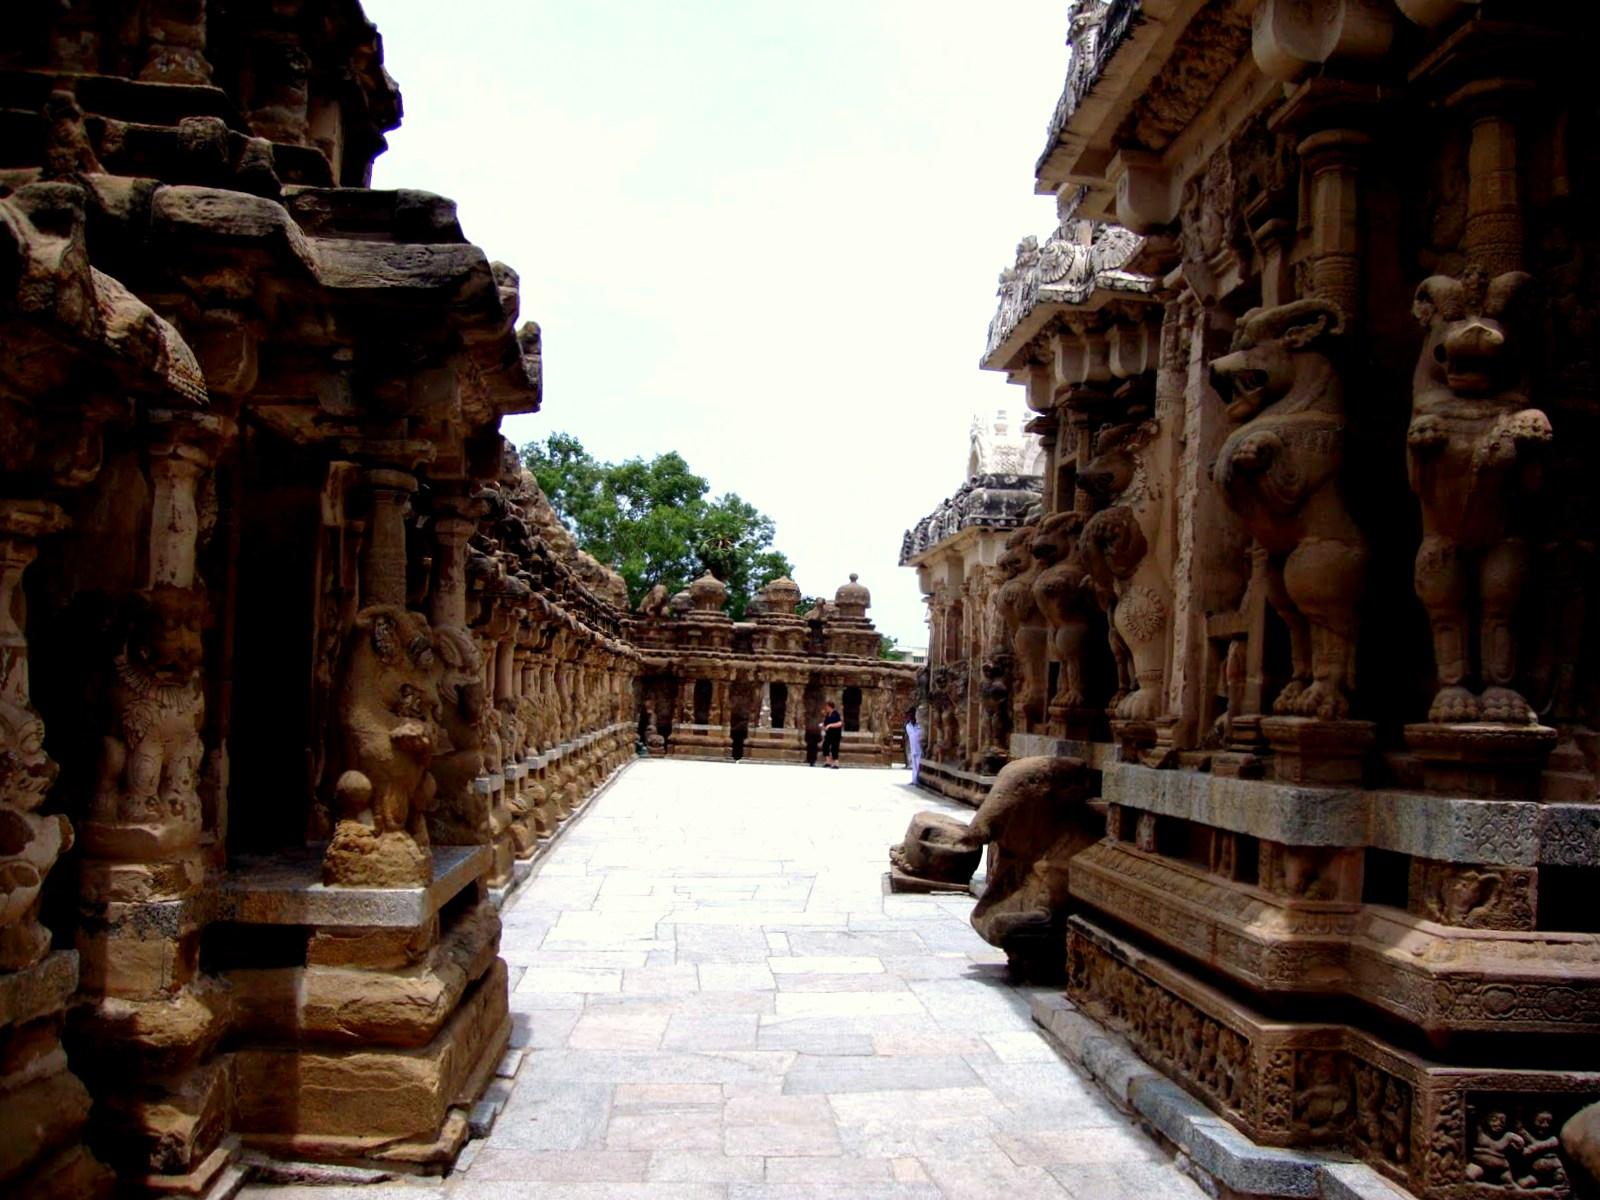 Kanchipuram Image